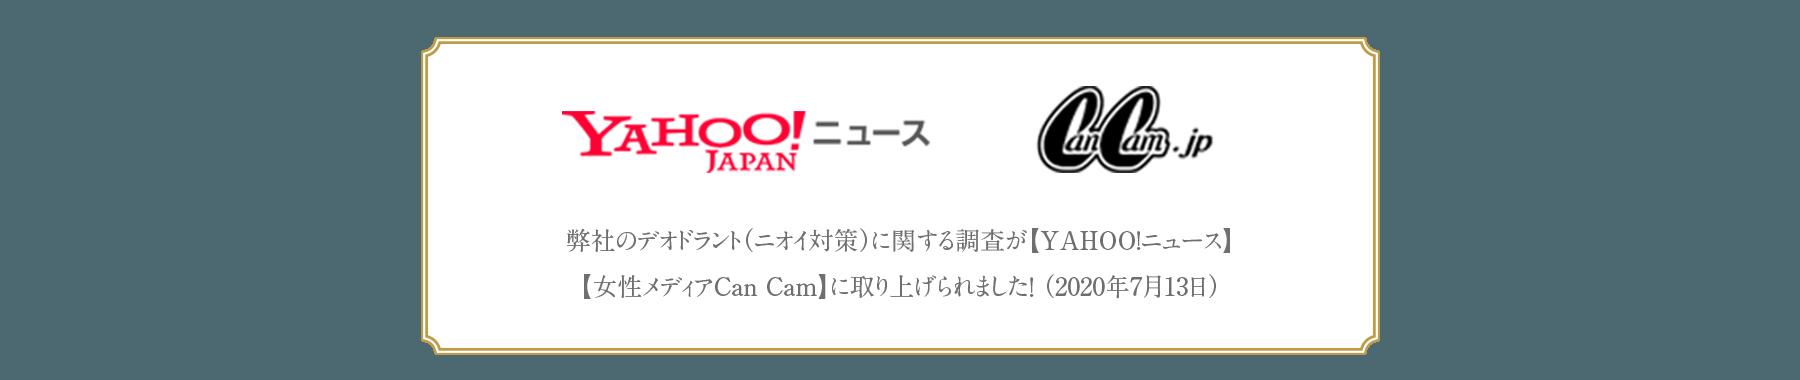 【Yahoo!ニュース】【女性メディアCan Cam】に取り上げられました。